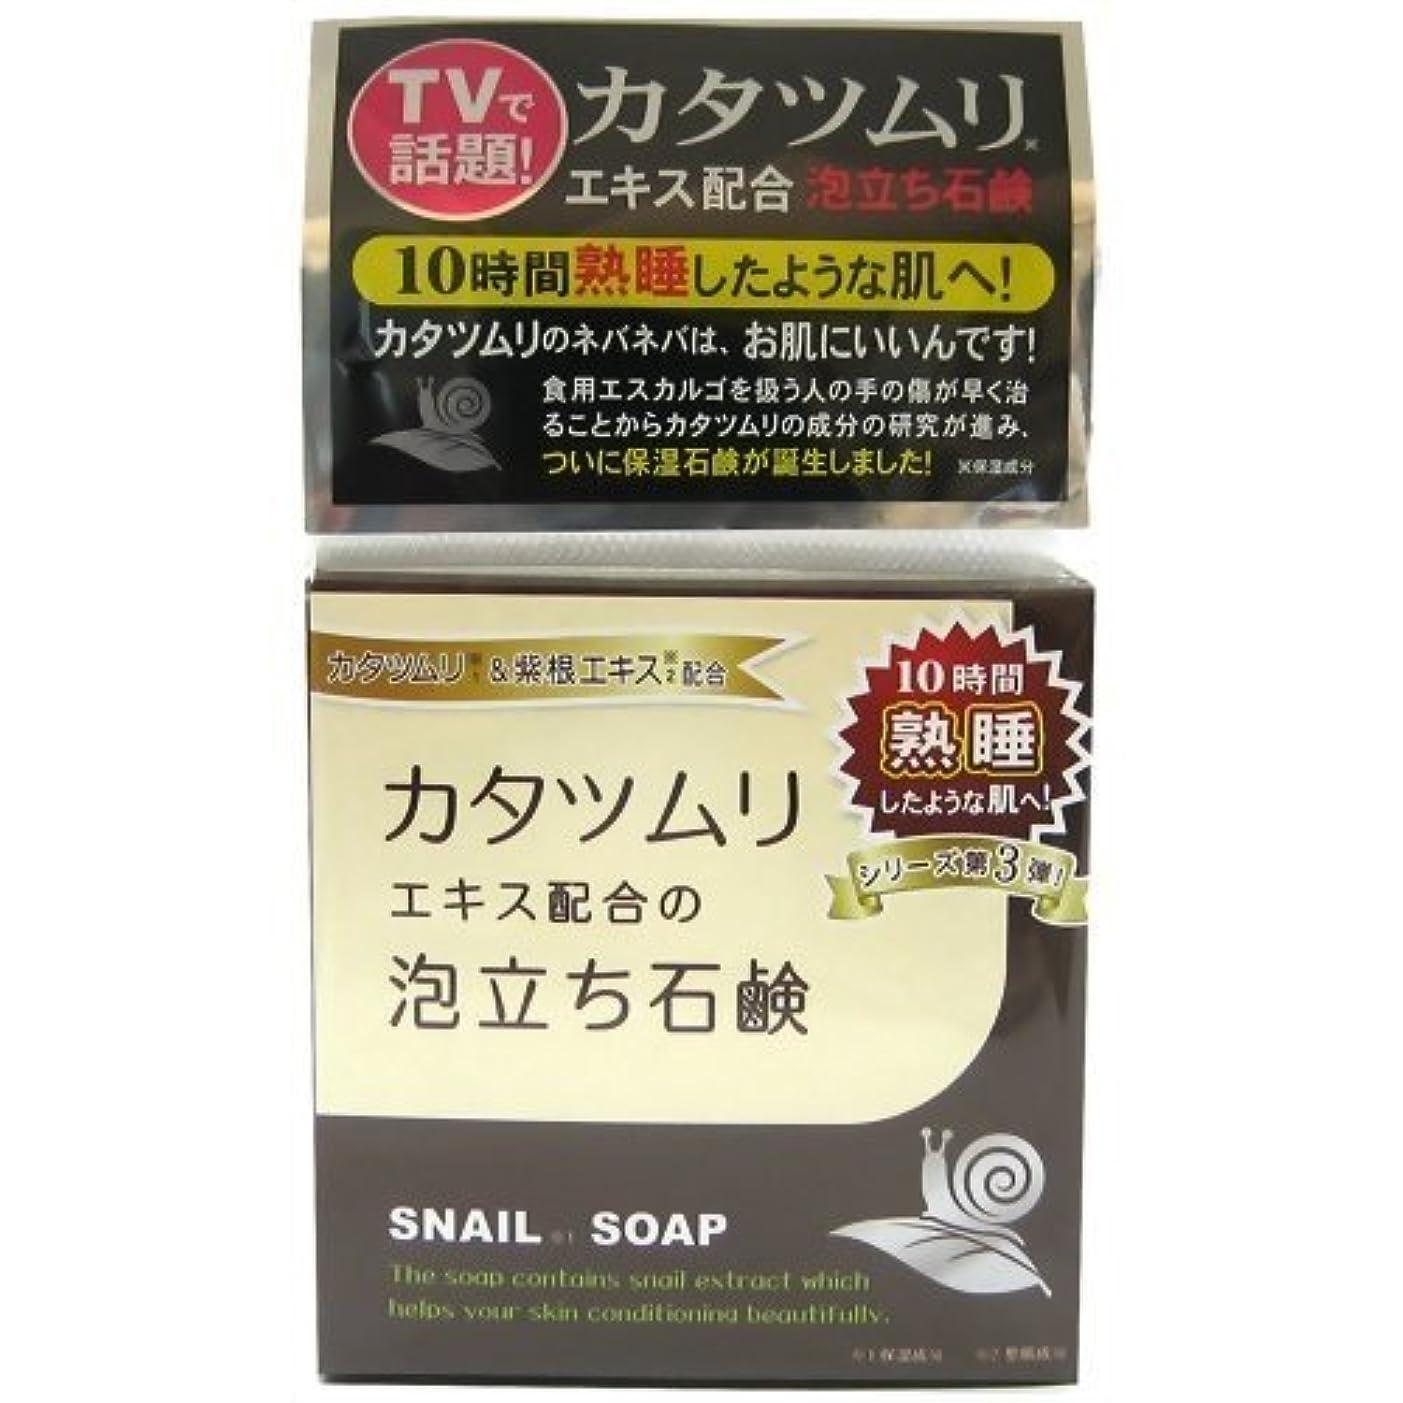 微生物ピグマリオン手錠カタツムリ石鹸 100g